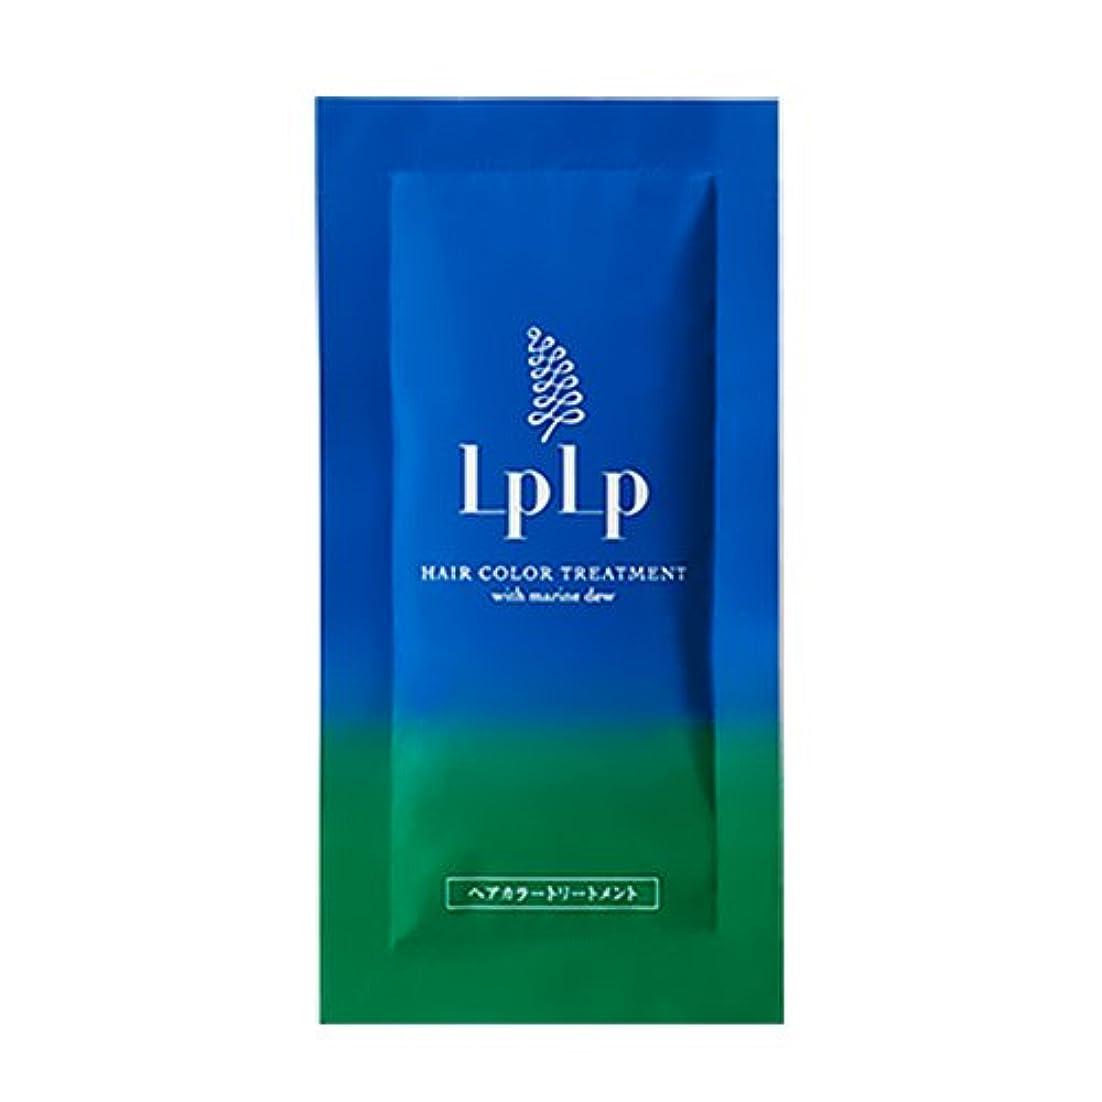 ぶどう骨の折れる鮮やかなLPLP(ルプルプ)ヘアカラートリートメントお試しパウチ ソフトブラック